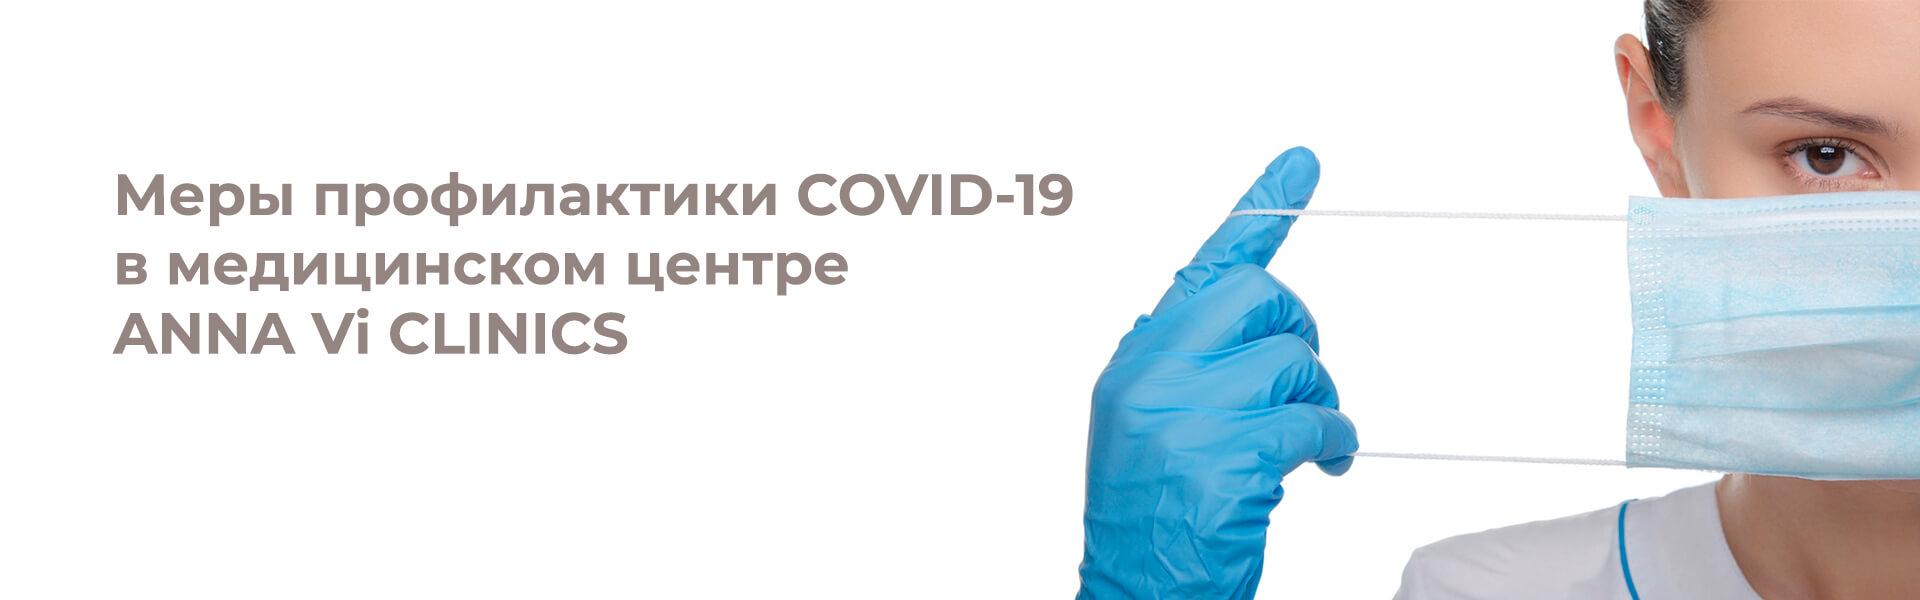 Меры профилактики COVID-19 в медицинском центре Anna Vi Clinics